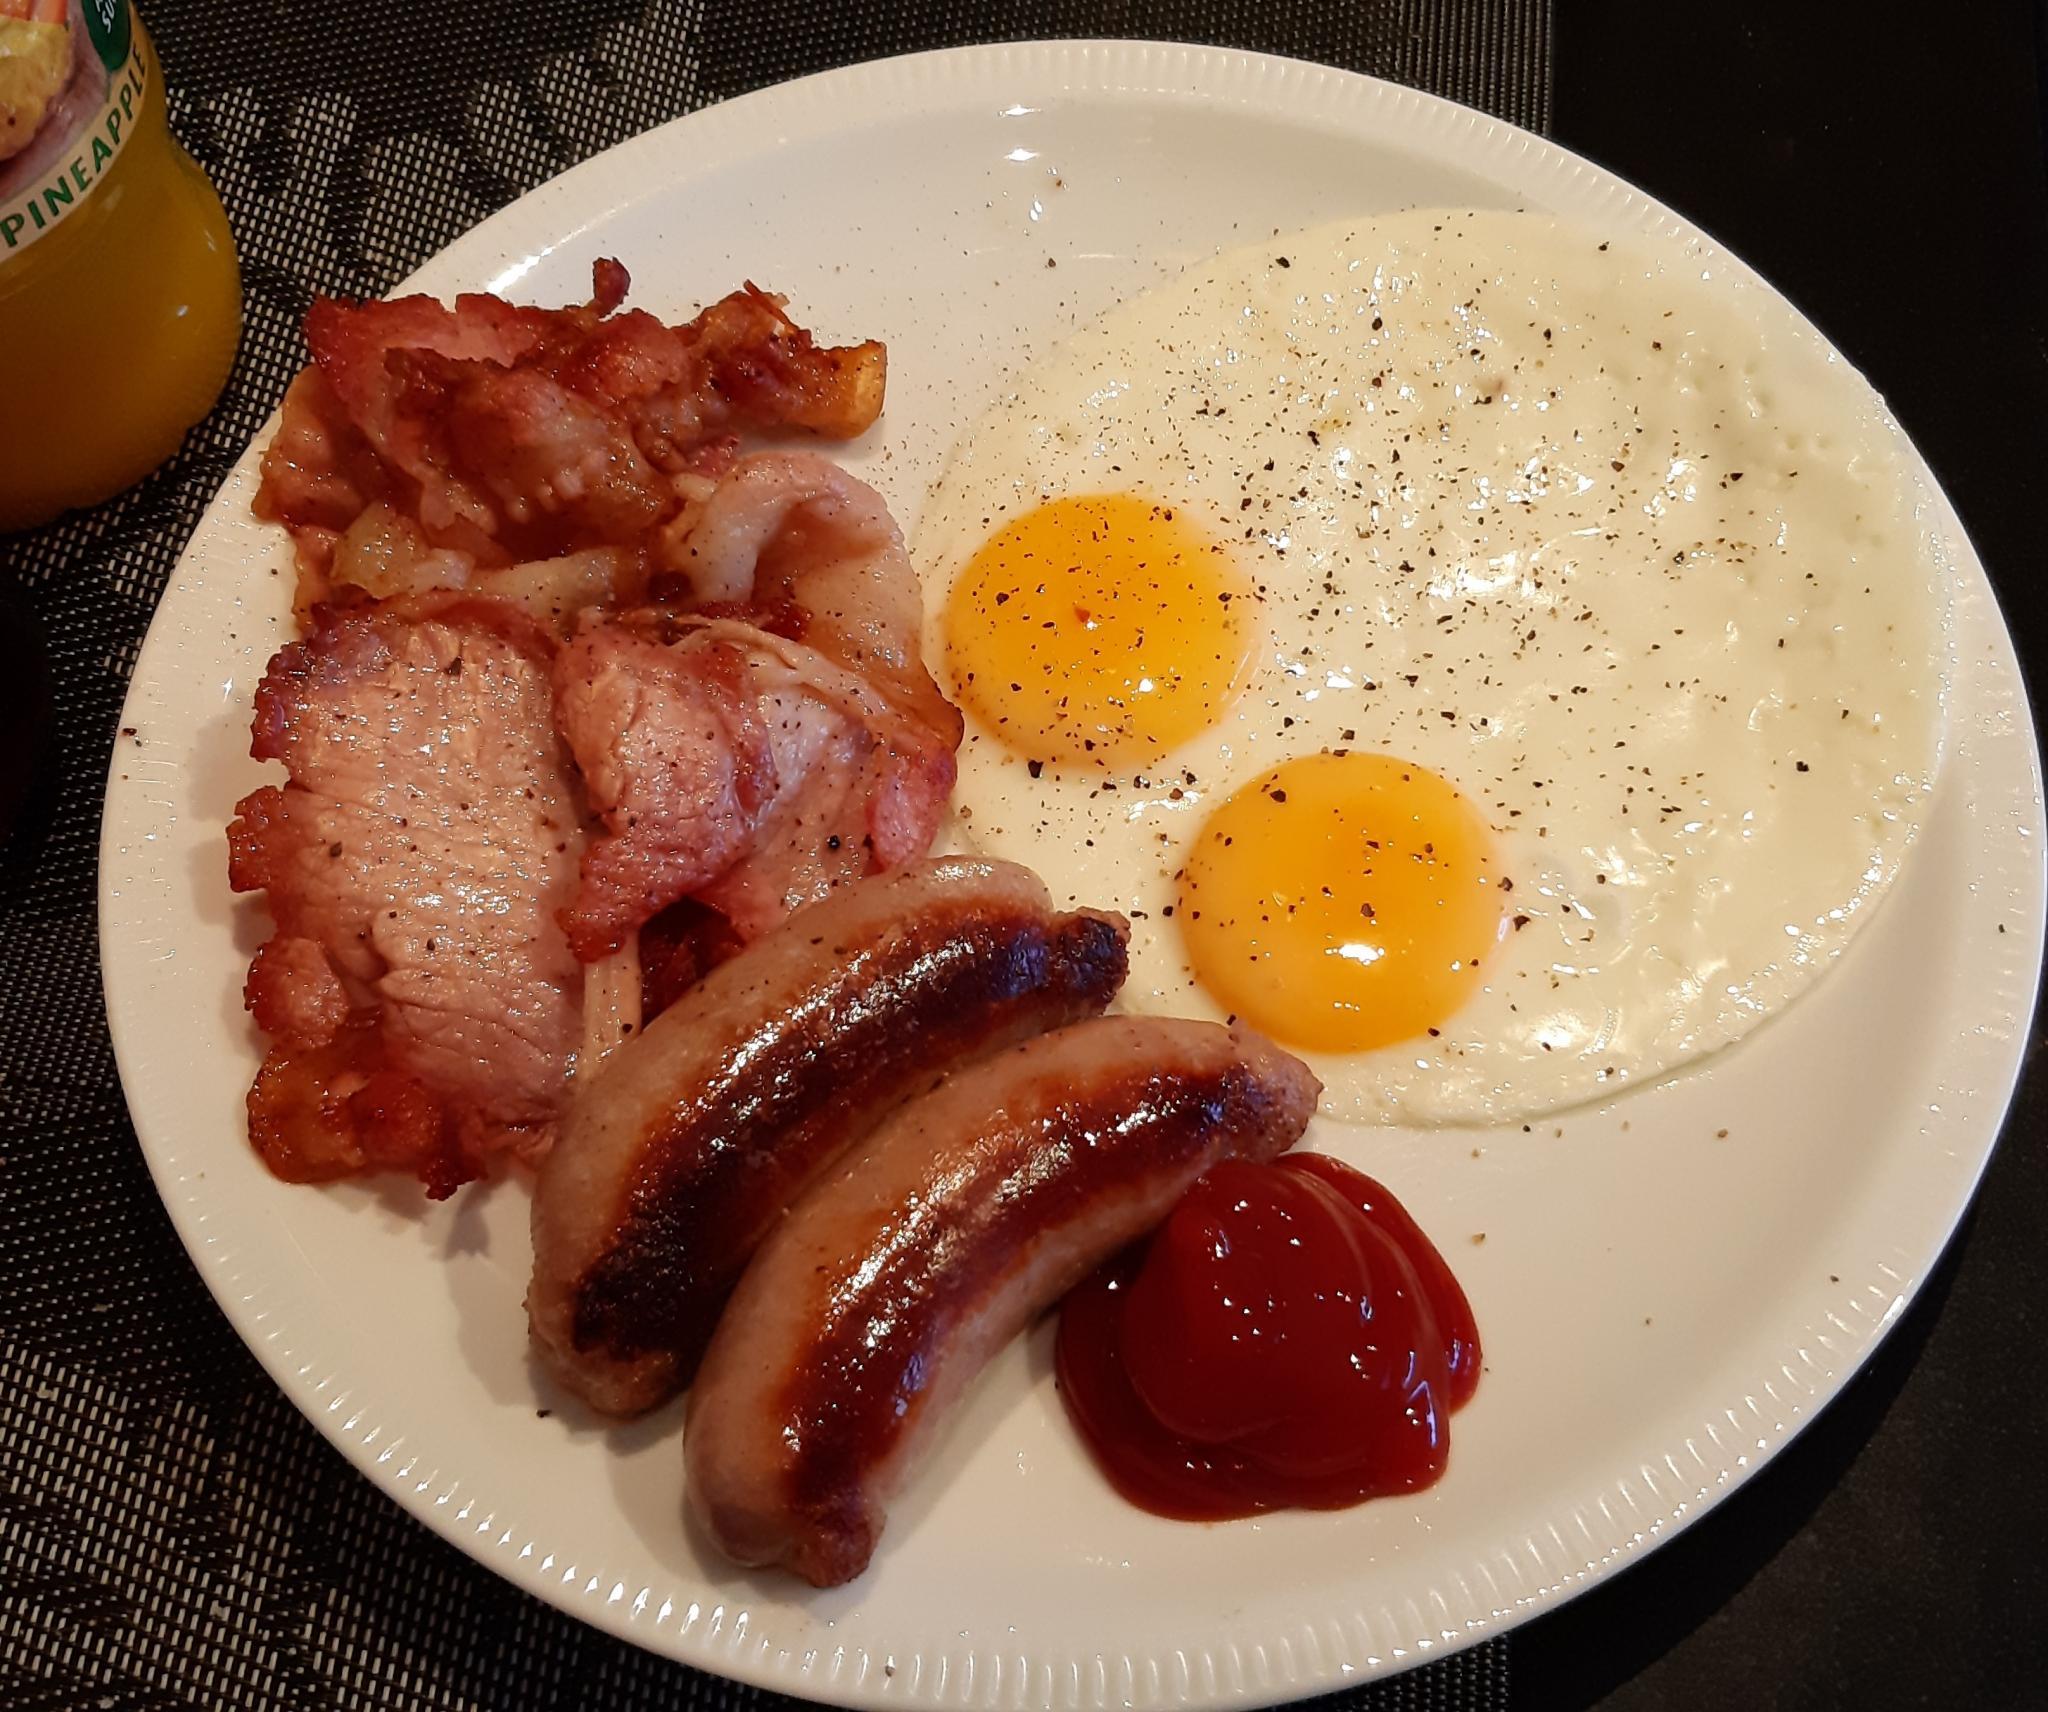 Breakfast-20200702_105939-jpg